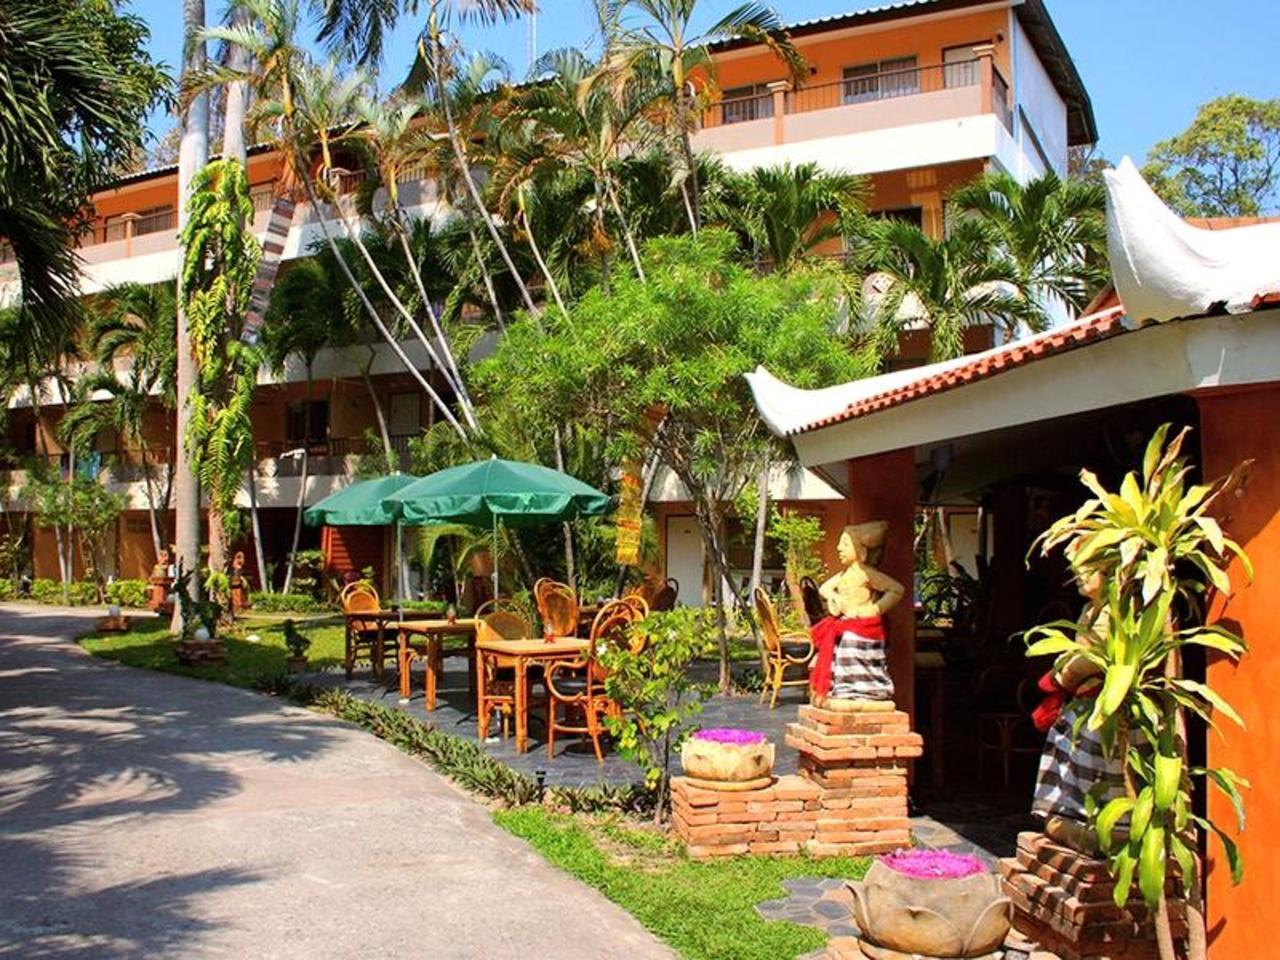 ริเวียร่า รีสอร์ท (Riviera Resort)